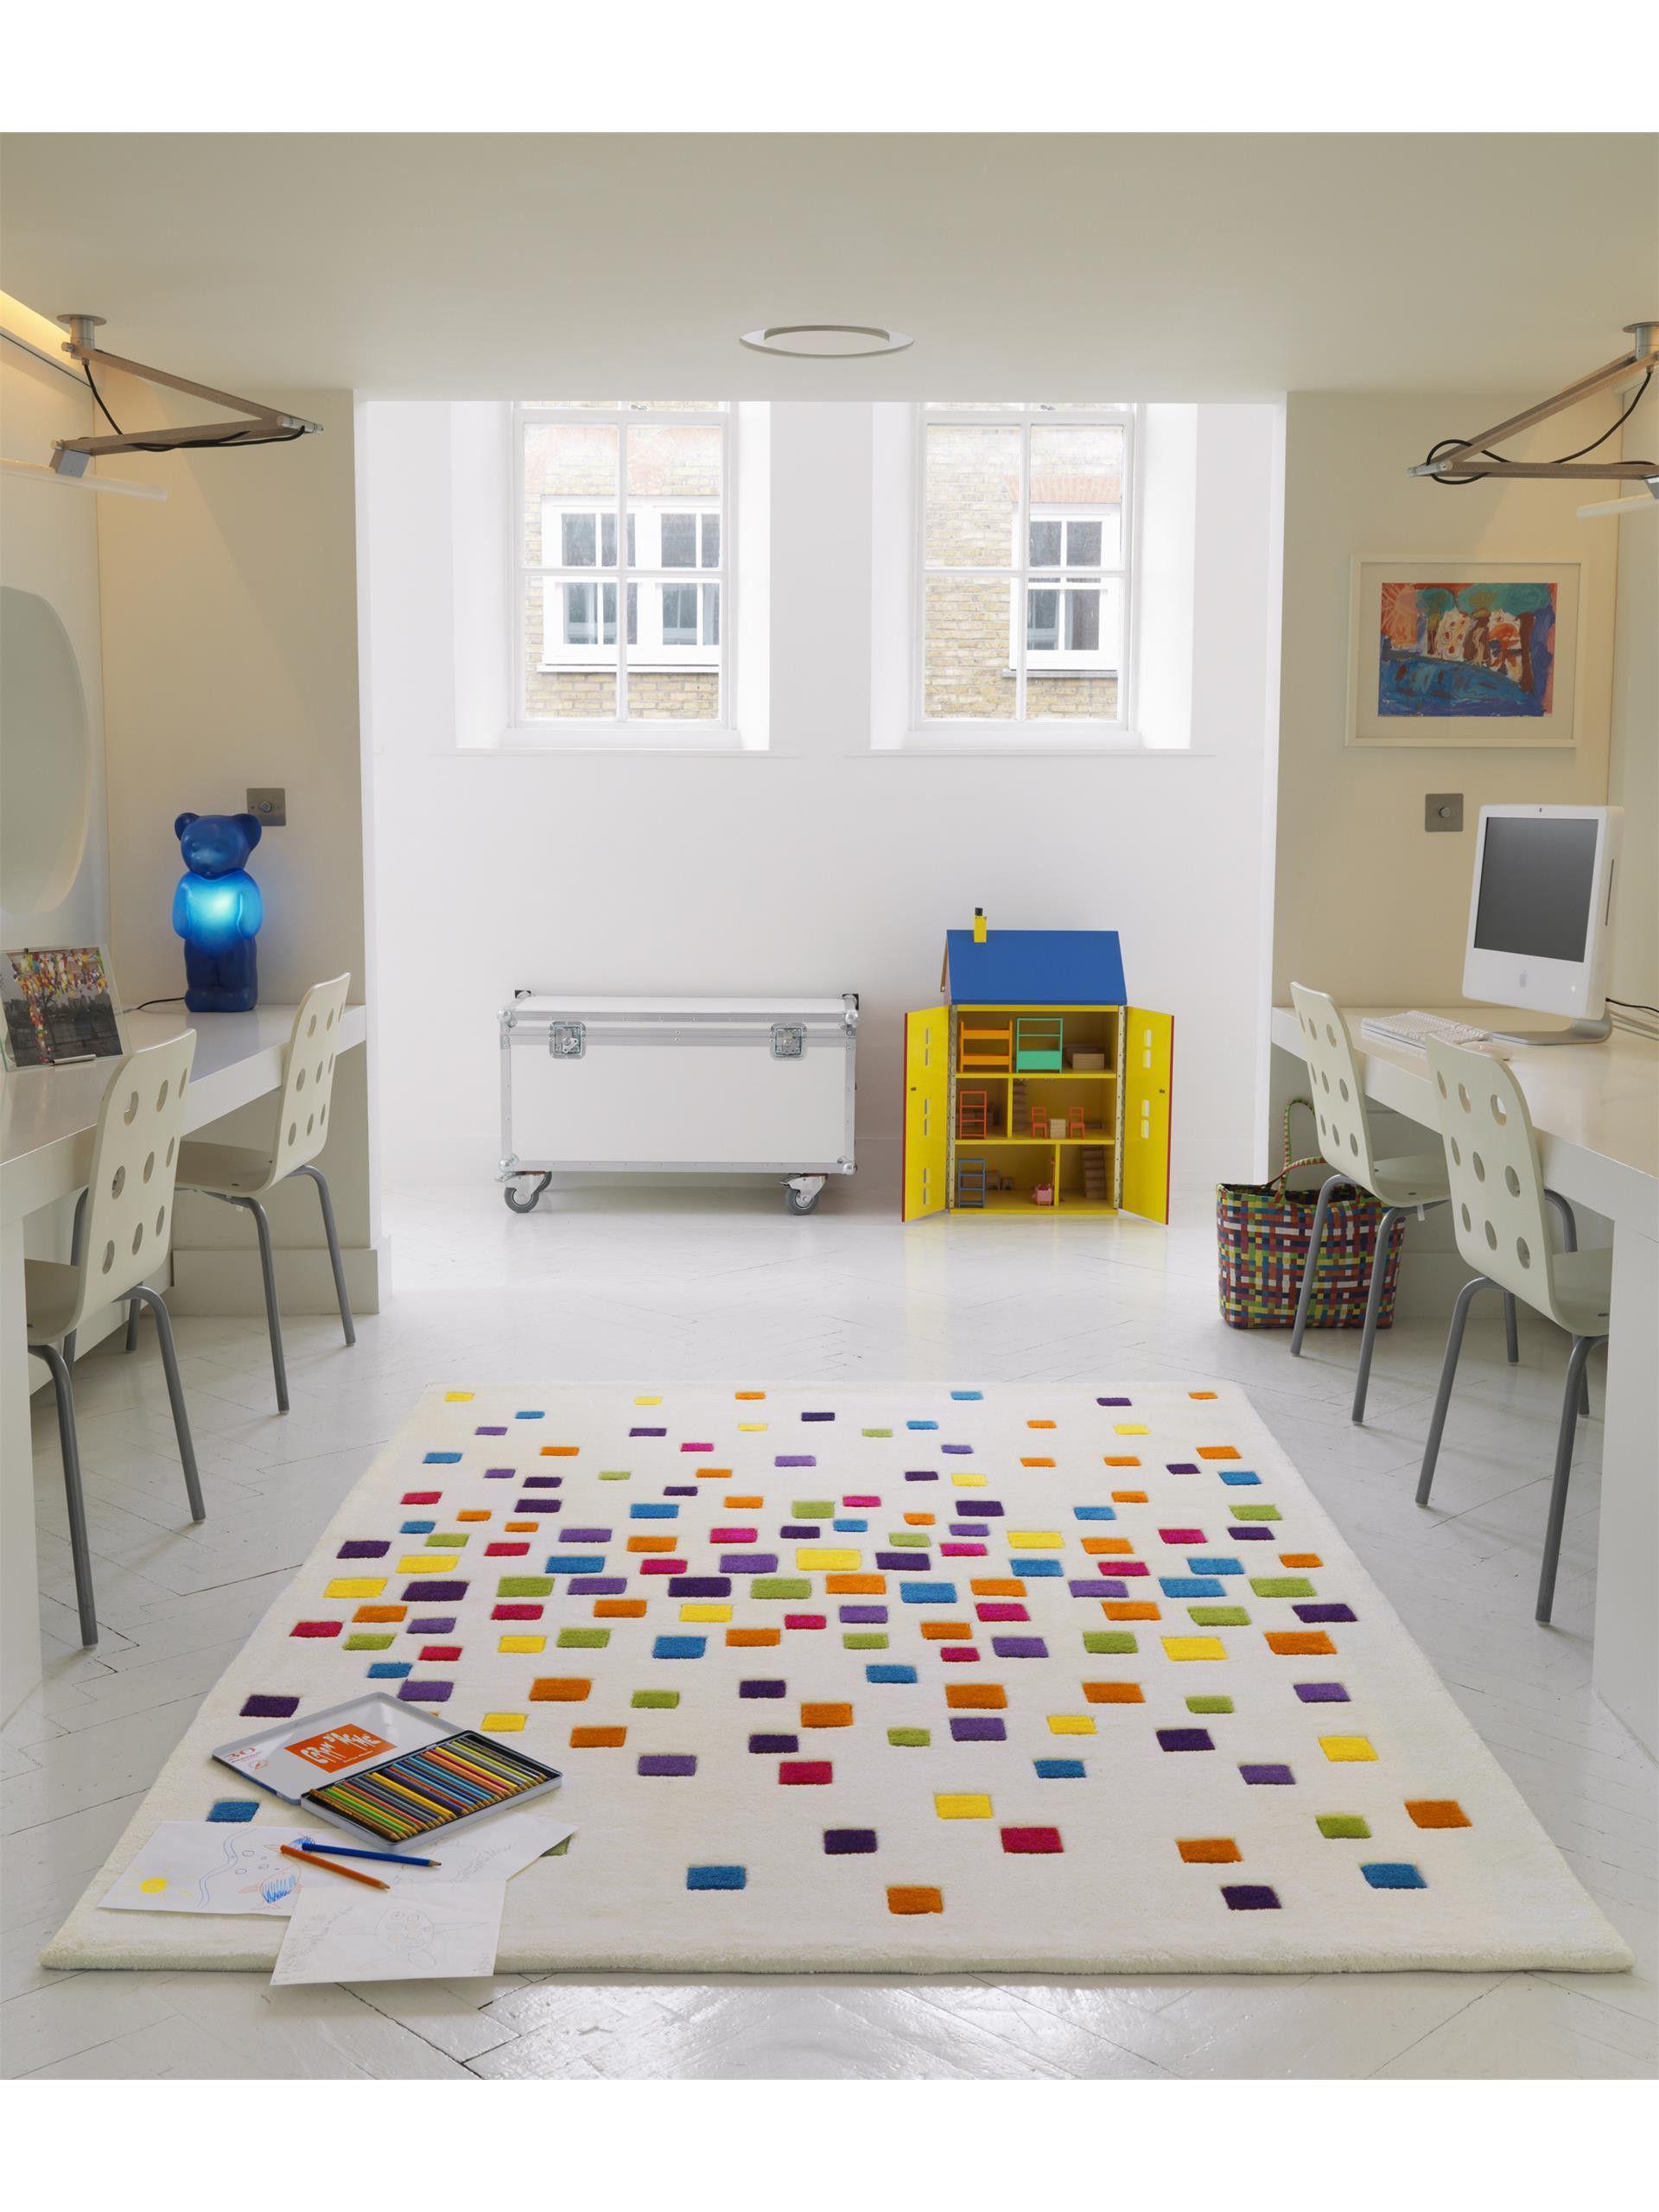 Benuta Teppich der teppich benuta harlequin spacedust bietet mit seinem originellen